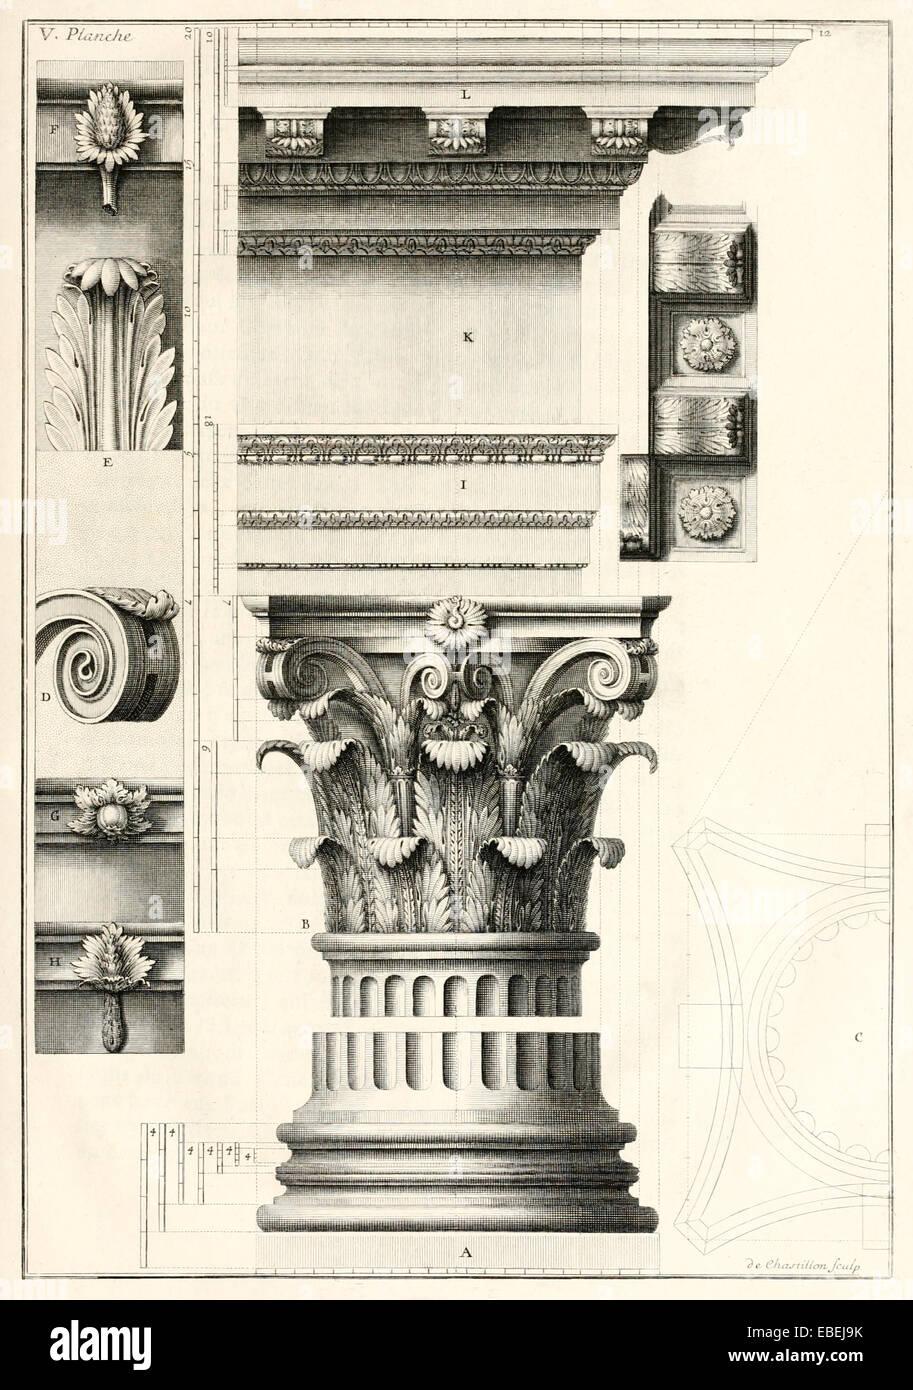 Korinthische Säule von Claude Perrault, französischer Renaissance-Architekten-Abbildung. Siehe Beschreibung Stockbild